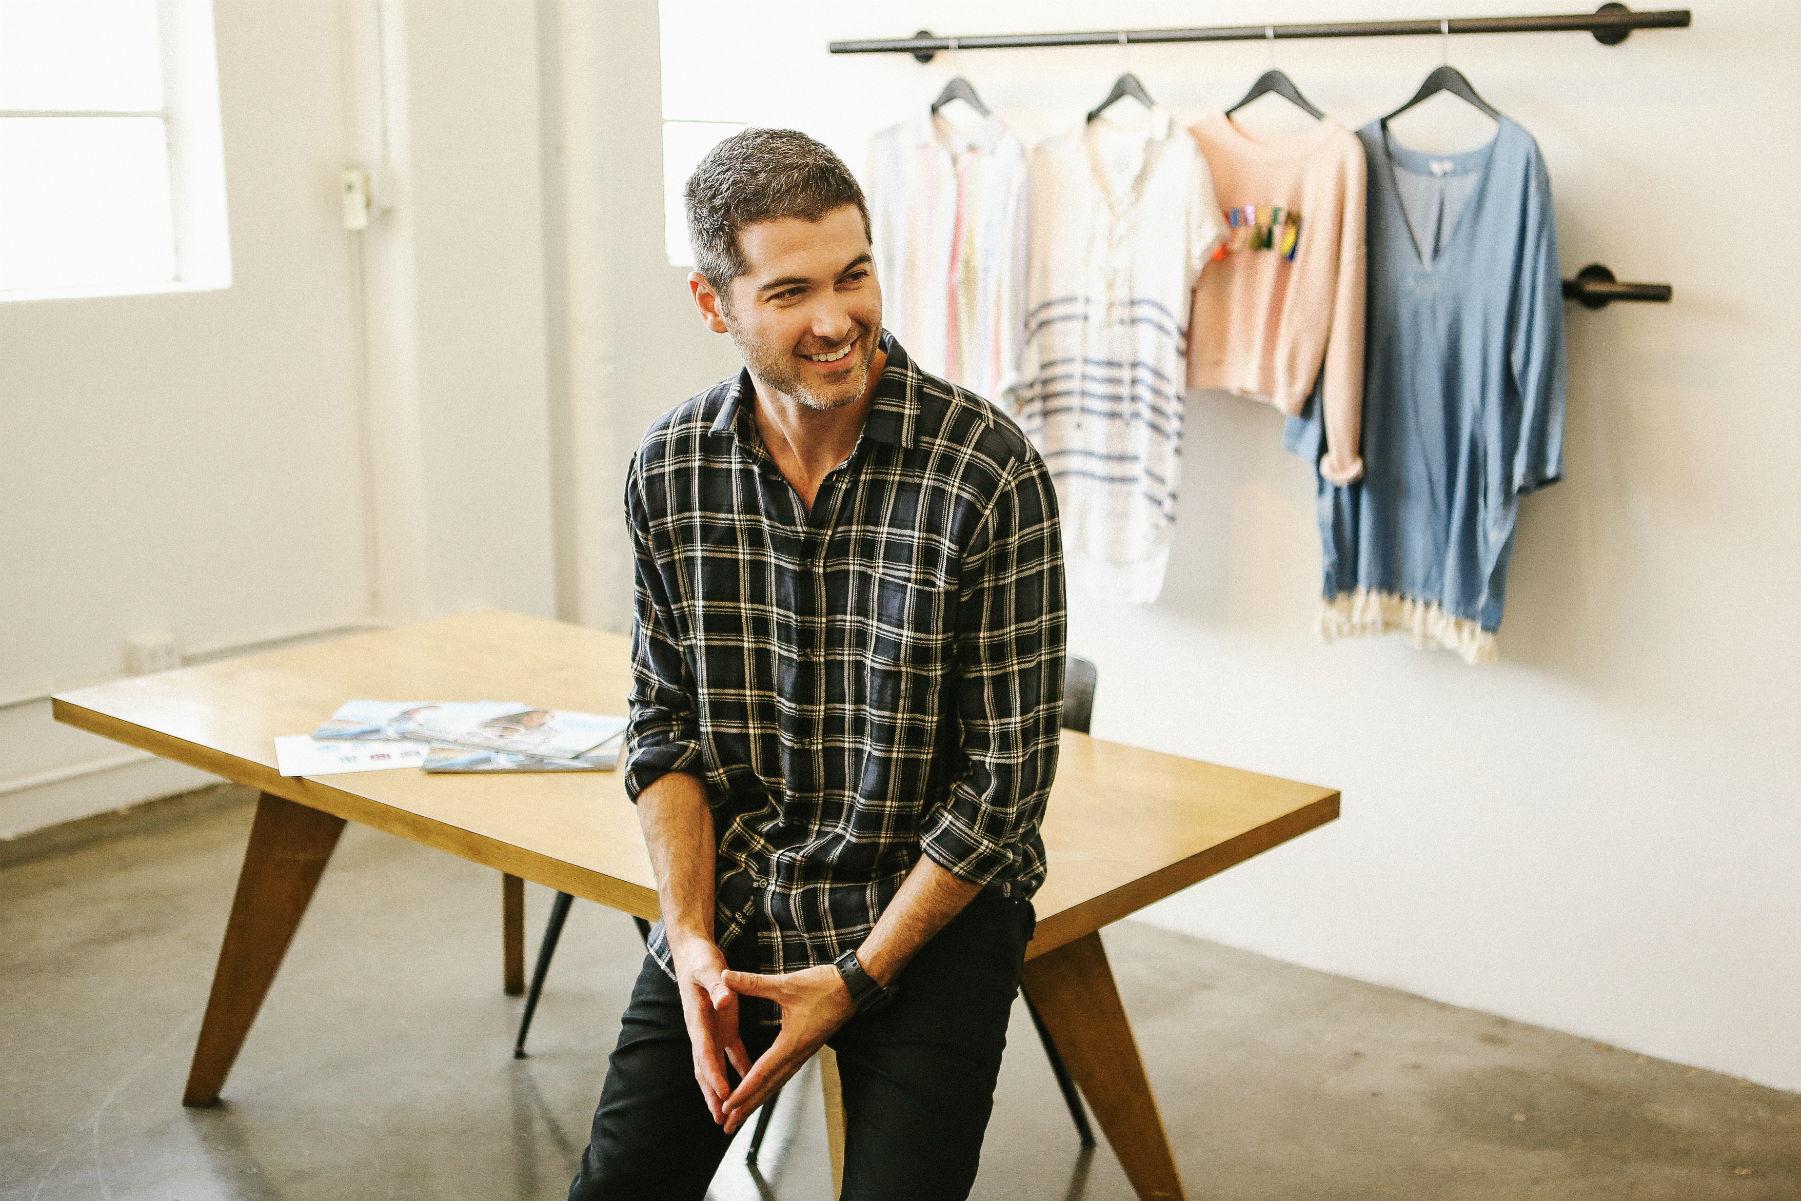 rails, tøj, kvindemode, mode, fashion, tøj, succes, historie, brand, womens fashion, skjorte,